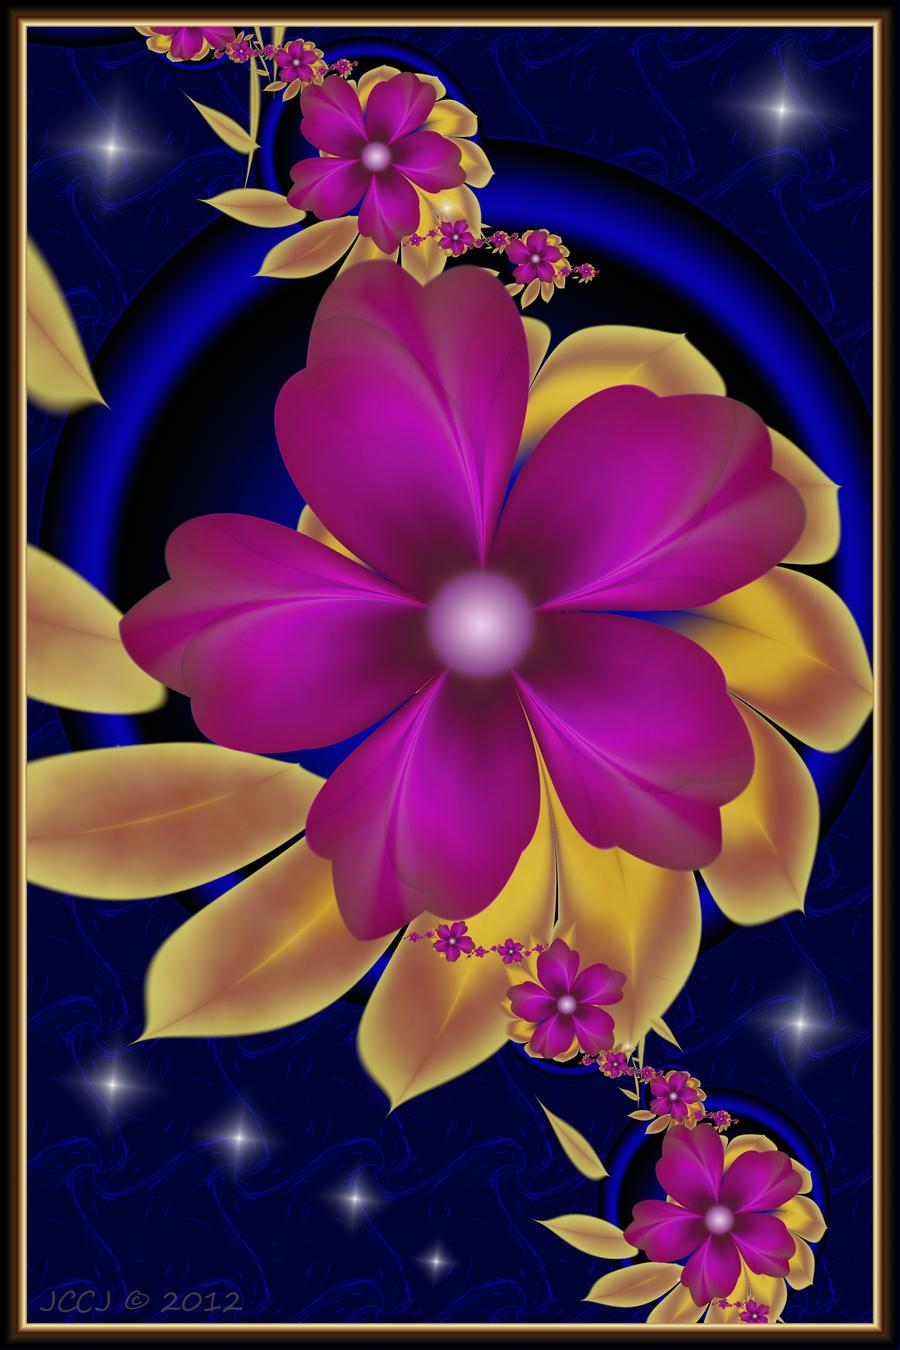 Purple Blooms 2 by JCCJ756